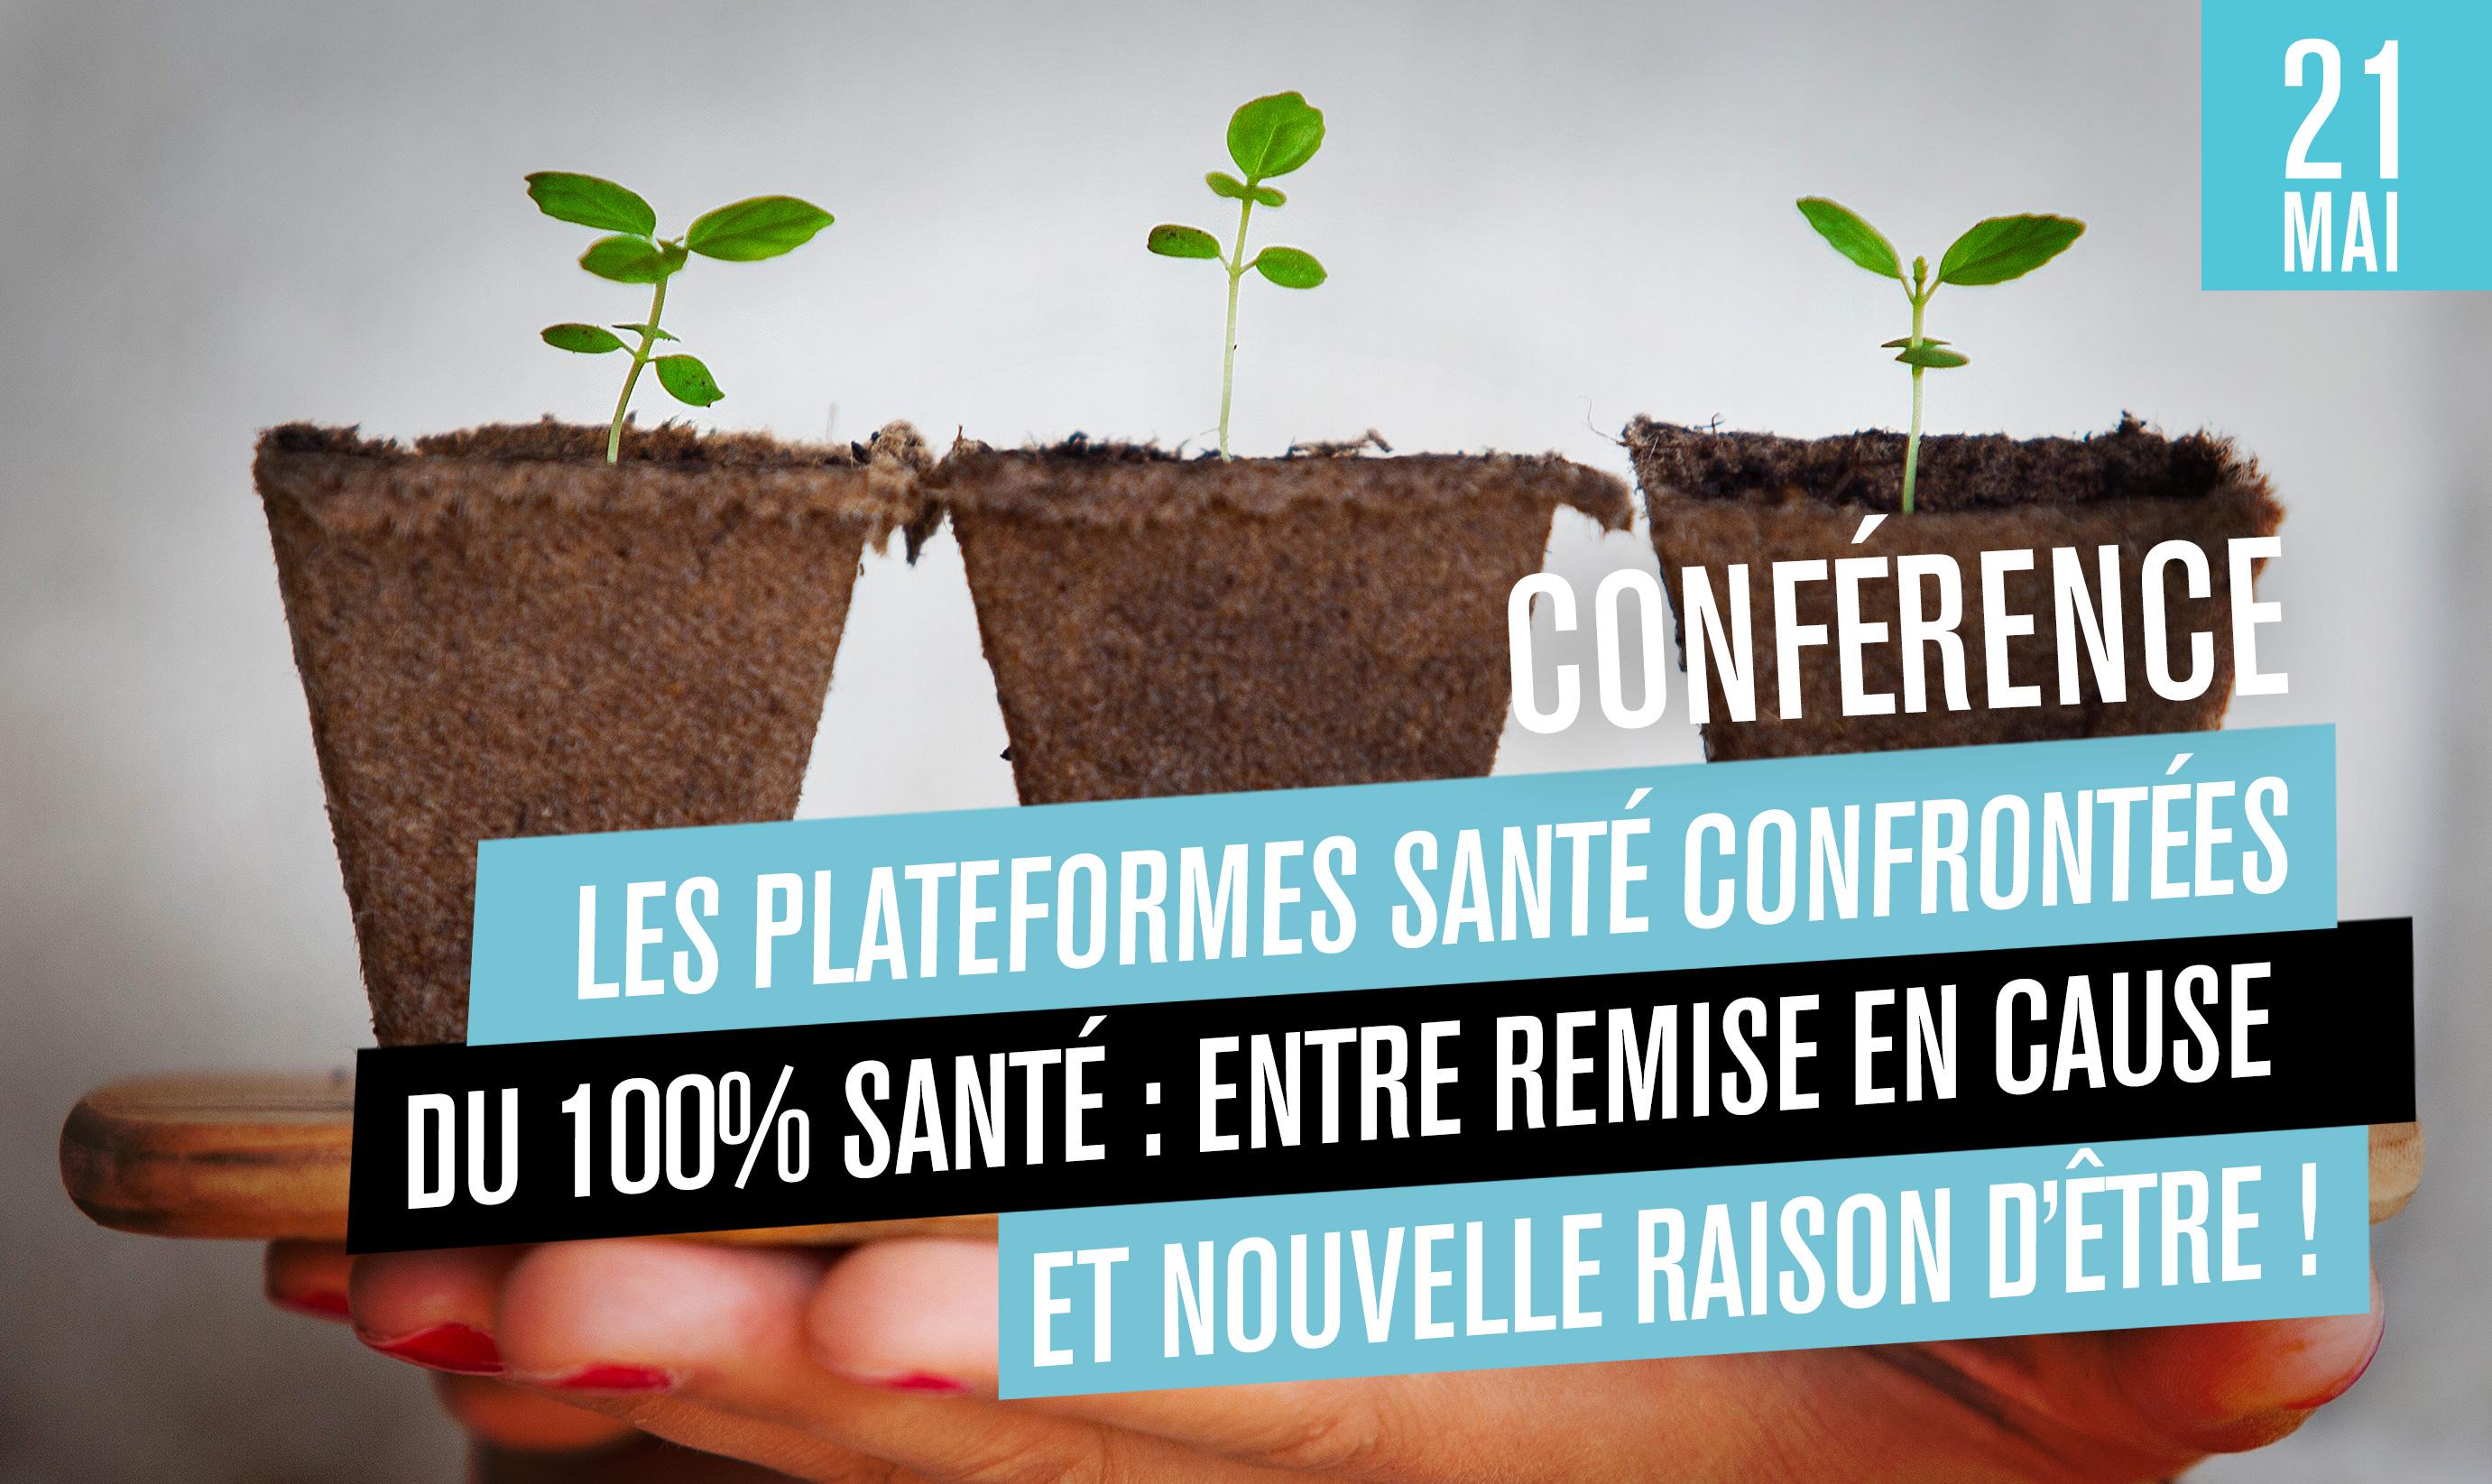 Conférence Santé : Les plateformes santé confrontées au casse-tête du 100% santé : Entre remise en cause et Nouvelle raison d'être !